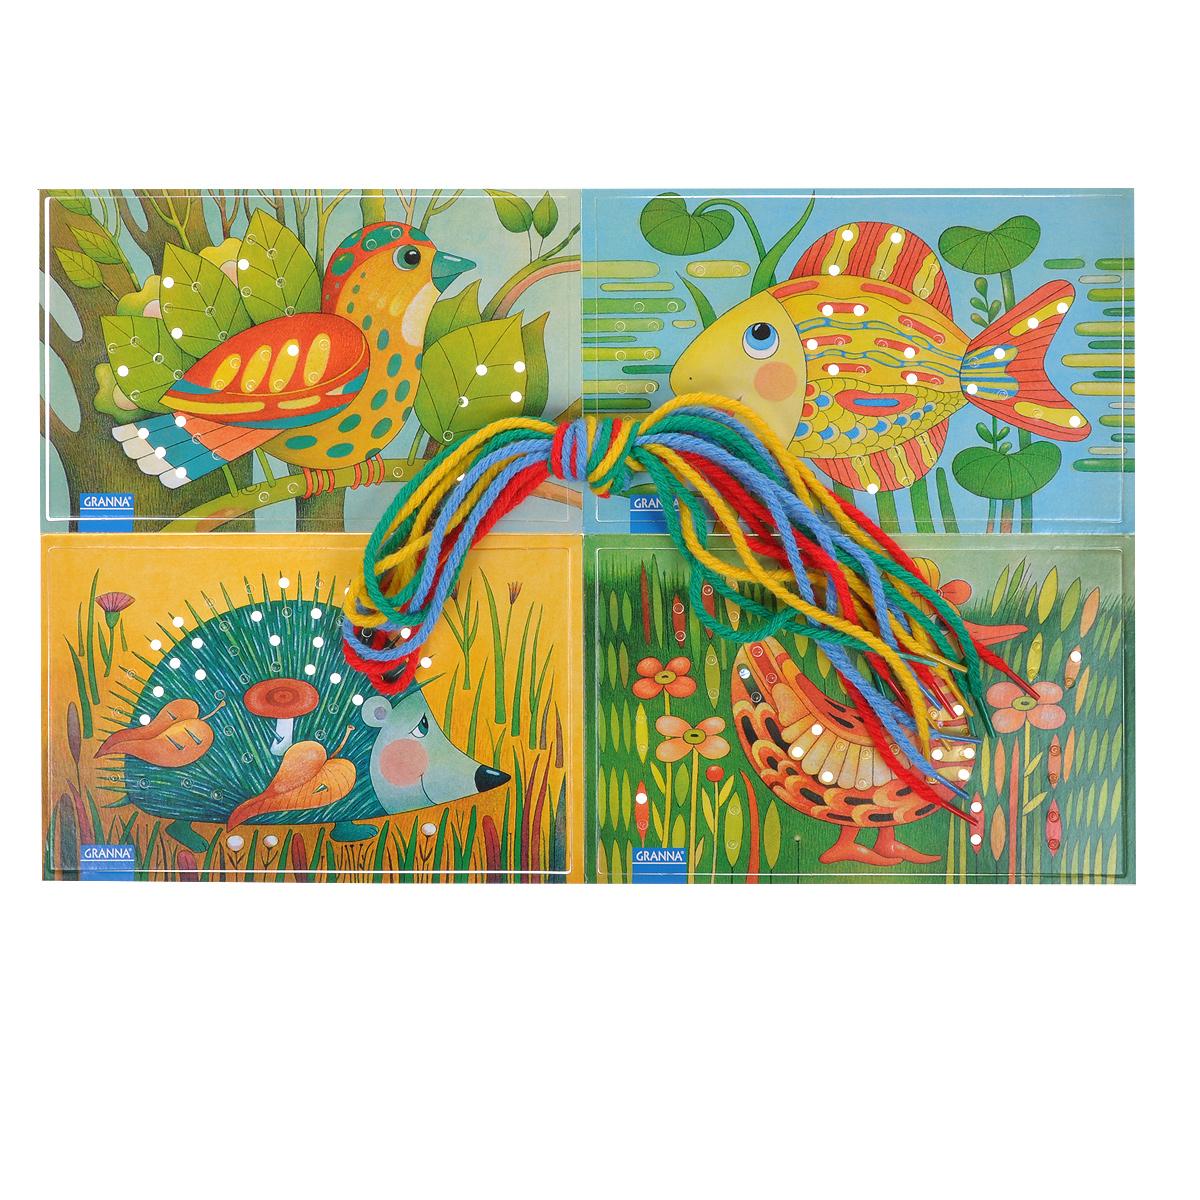 Развивающая игра Bondibon ШнуровкаВВ0999Увлекательная развивающая игра Bondibon Шнуровка позволит вашему ребенку весело и с пользой провести время. Игра состоит из четырех карточек для шнуровки с изображениями птички, ежика, рыбки и уточки, восьми шнурков синего, красного, голубого и зеленого цветов (по два каждого цвета) и подробной инструкции на русском языке. Необходимо продеть шнурки в дырочки на картинке. Чтобы прошнуровать карточку, можно взять шнурки одного или нескольких цветов. С разноцветными шнурками она и та же картинка всякий раз будет выглядеть по-новому. Игра развивает мелкую моторику, внимание, пространственное воображение и координацию.